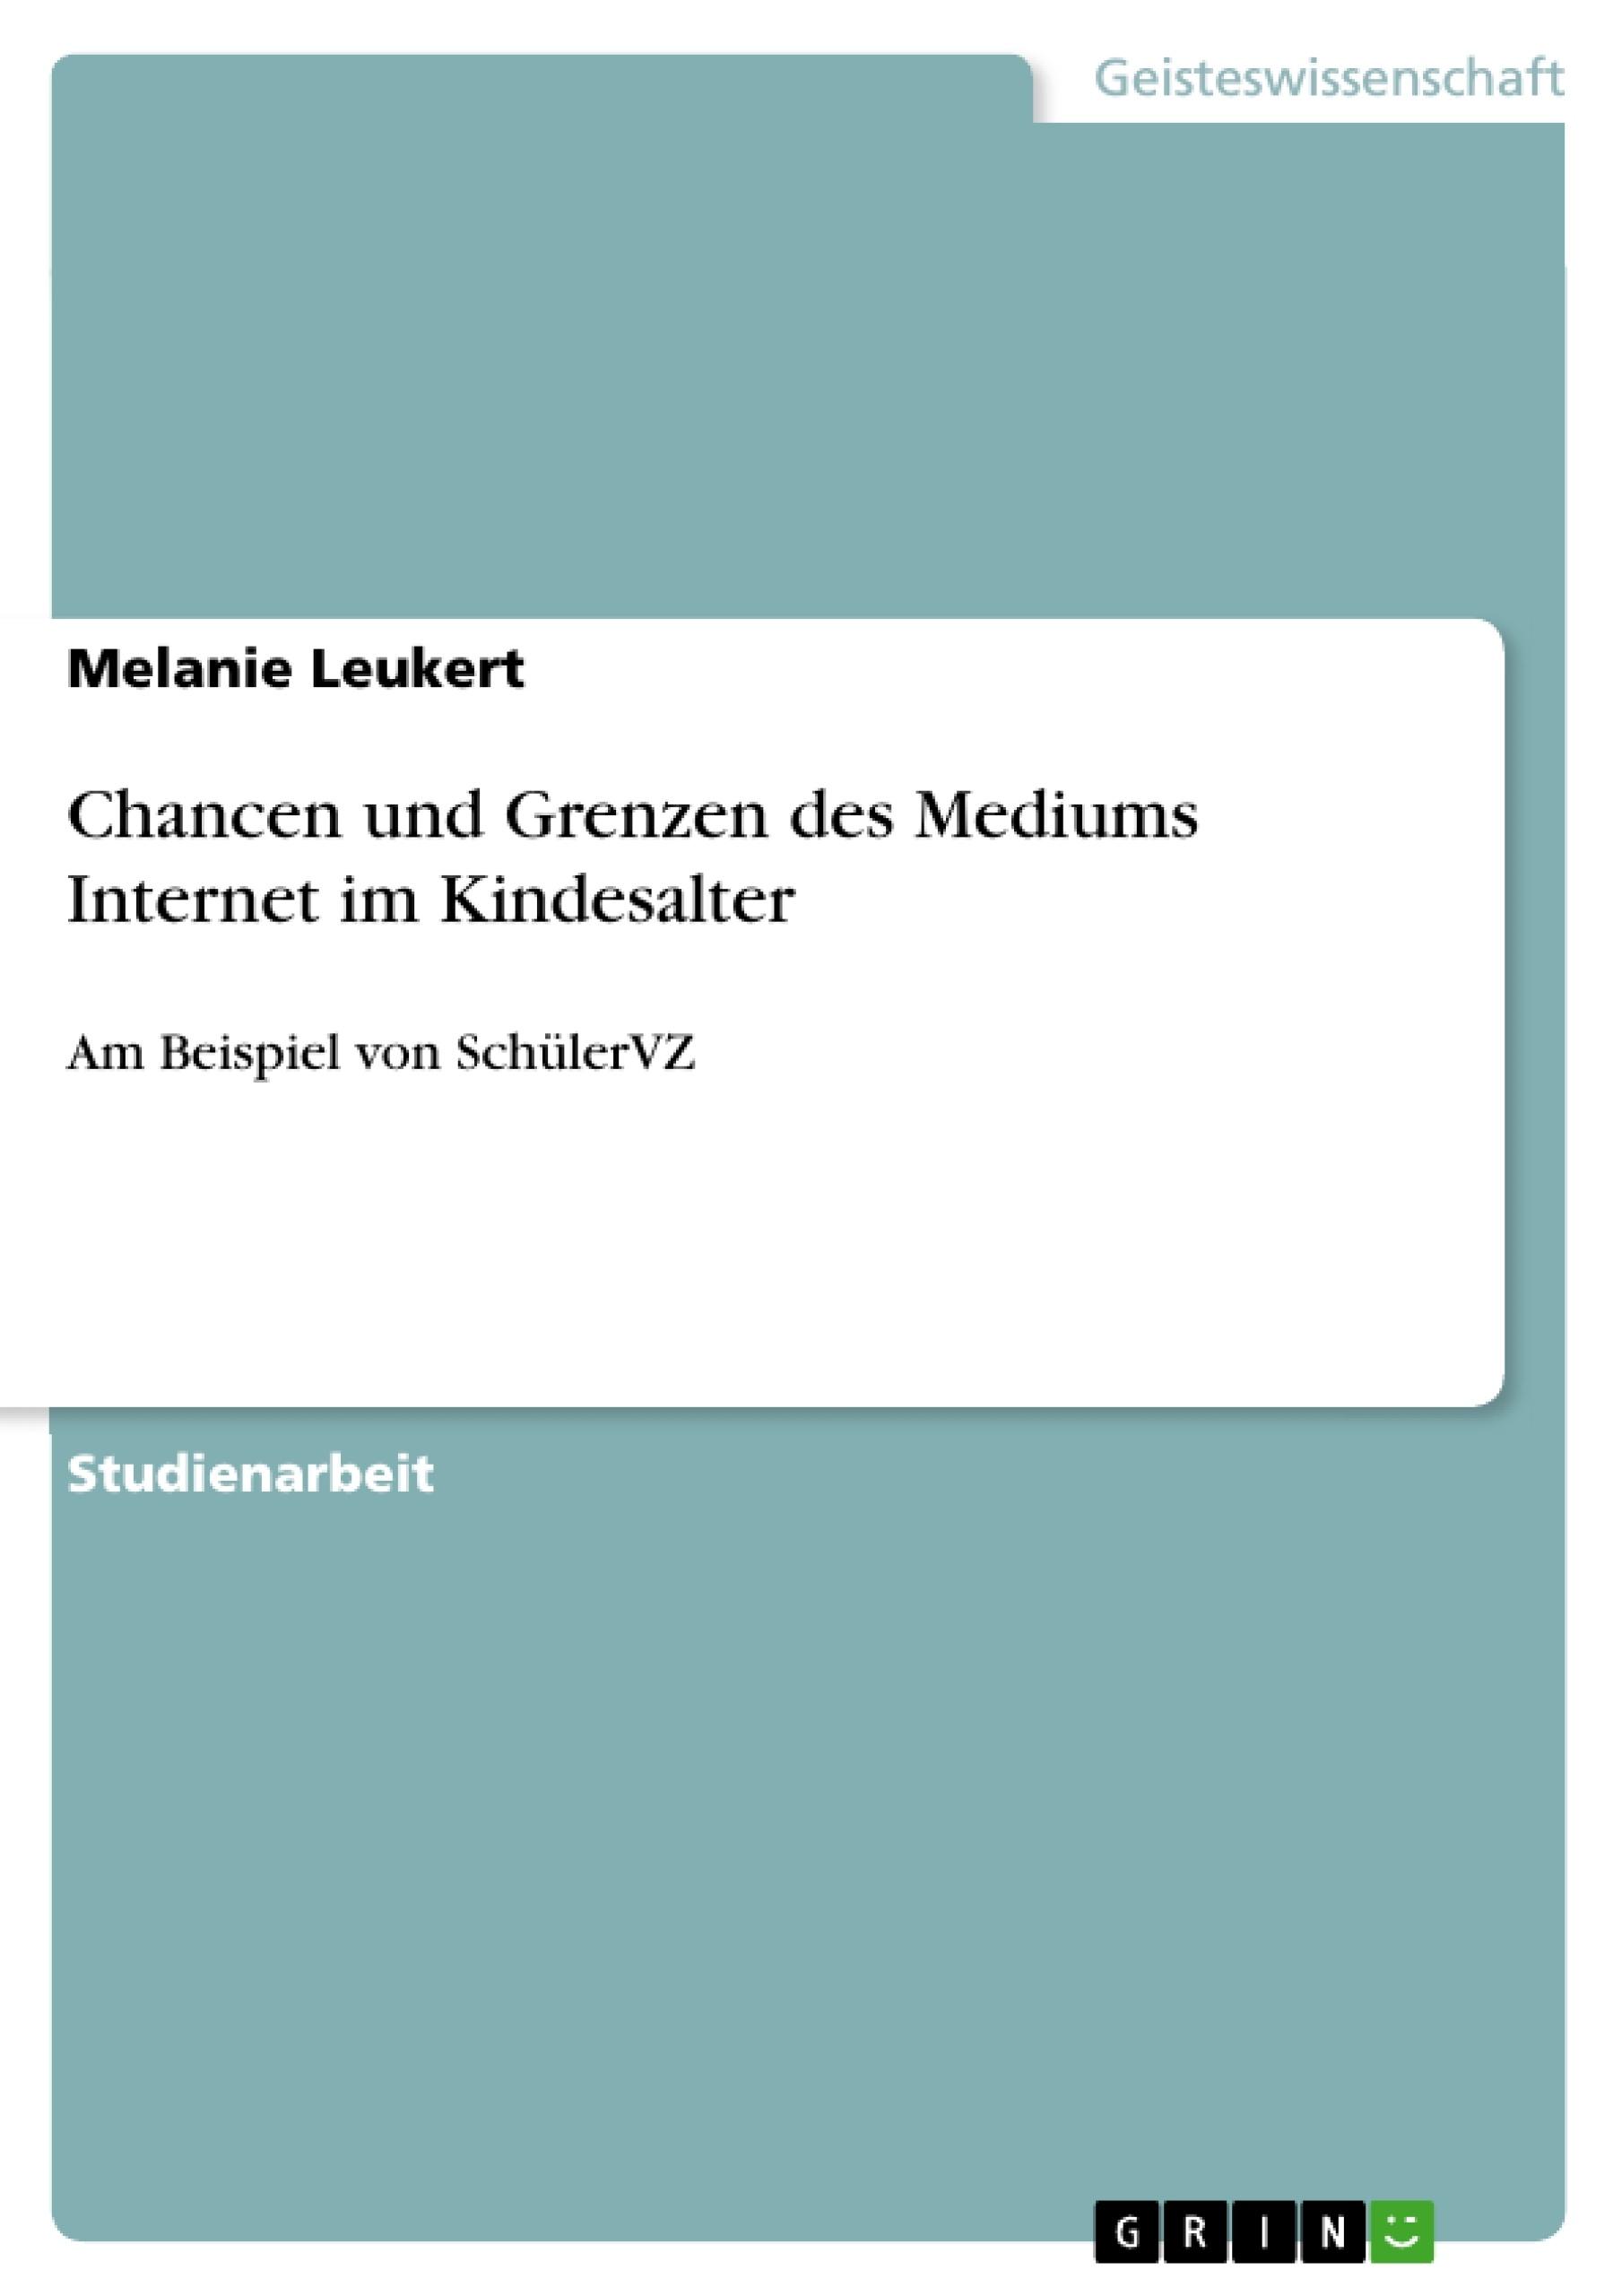 Titel: Chancen und Grenzen des Mediums Internet im Kindesalter